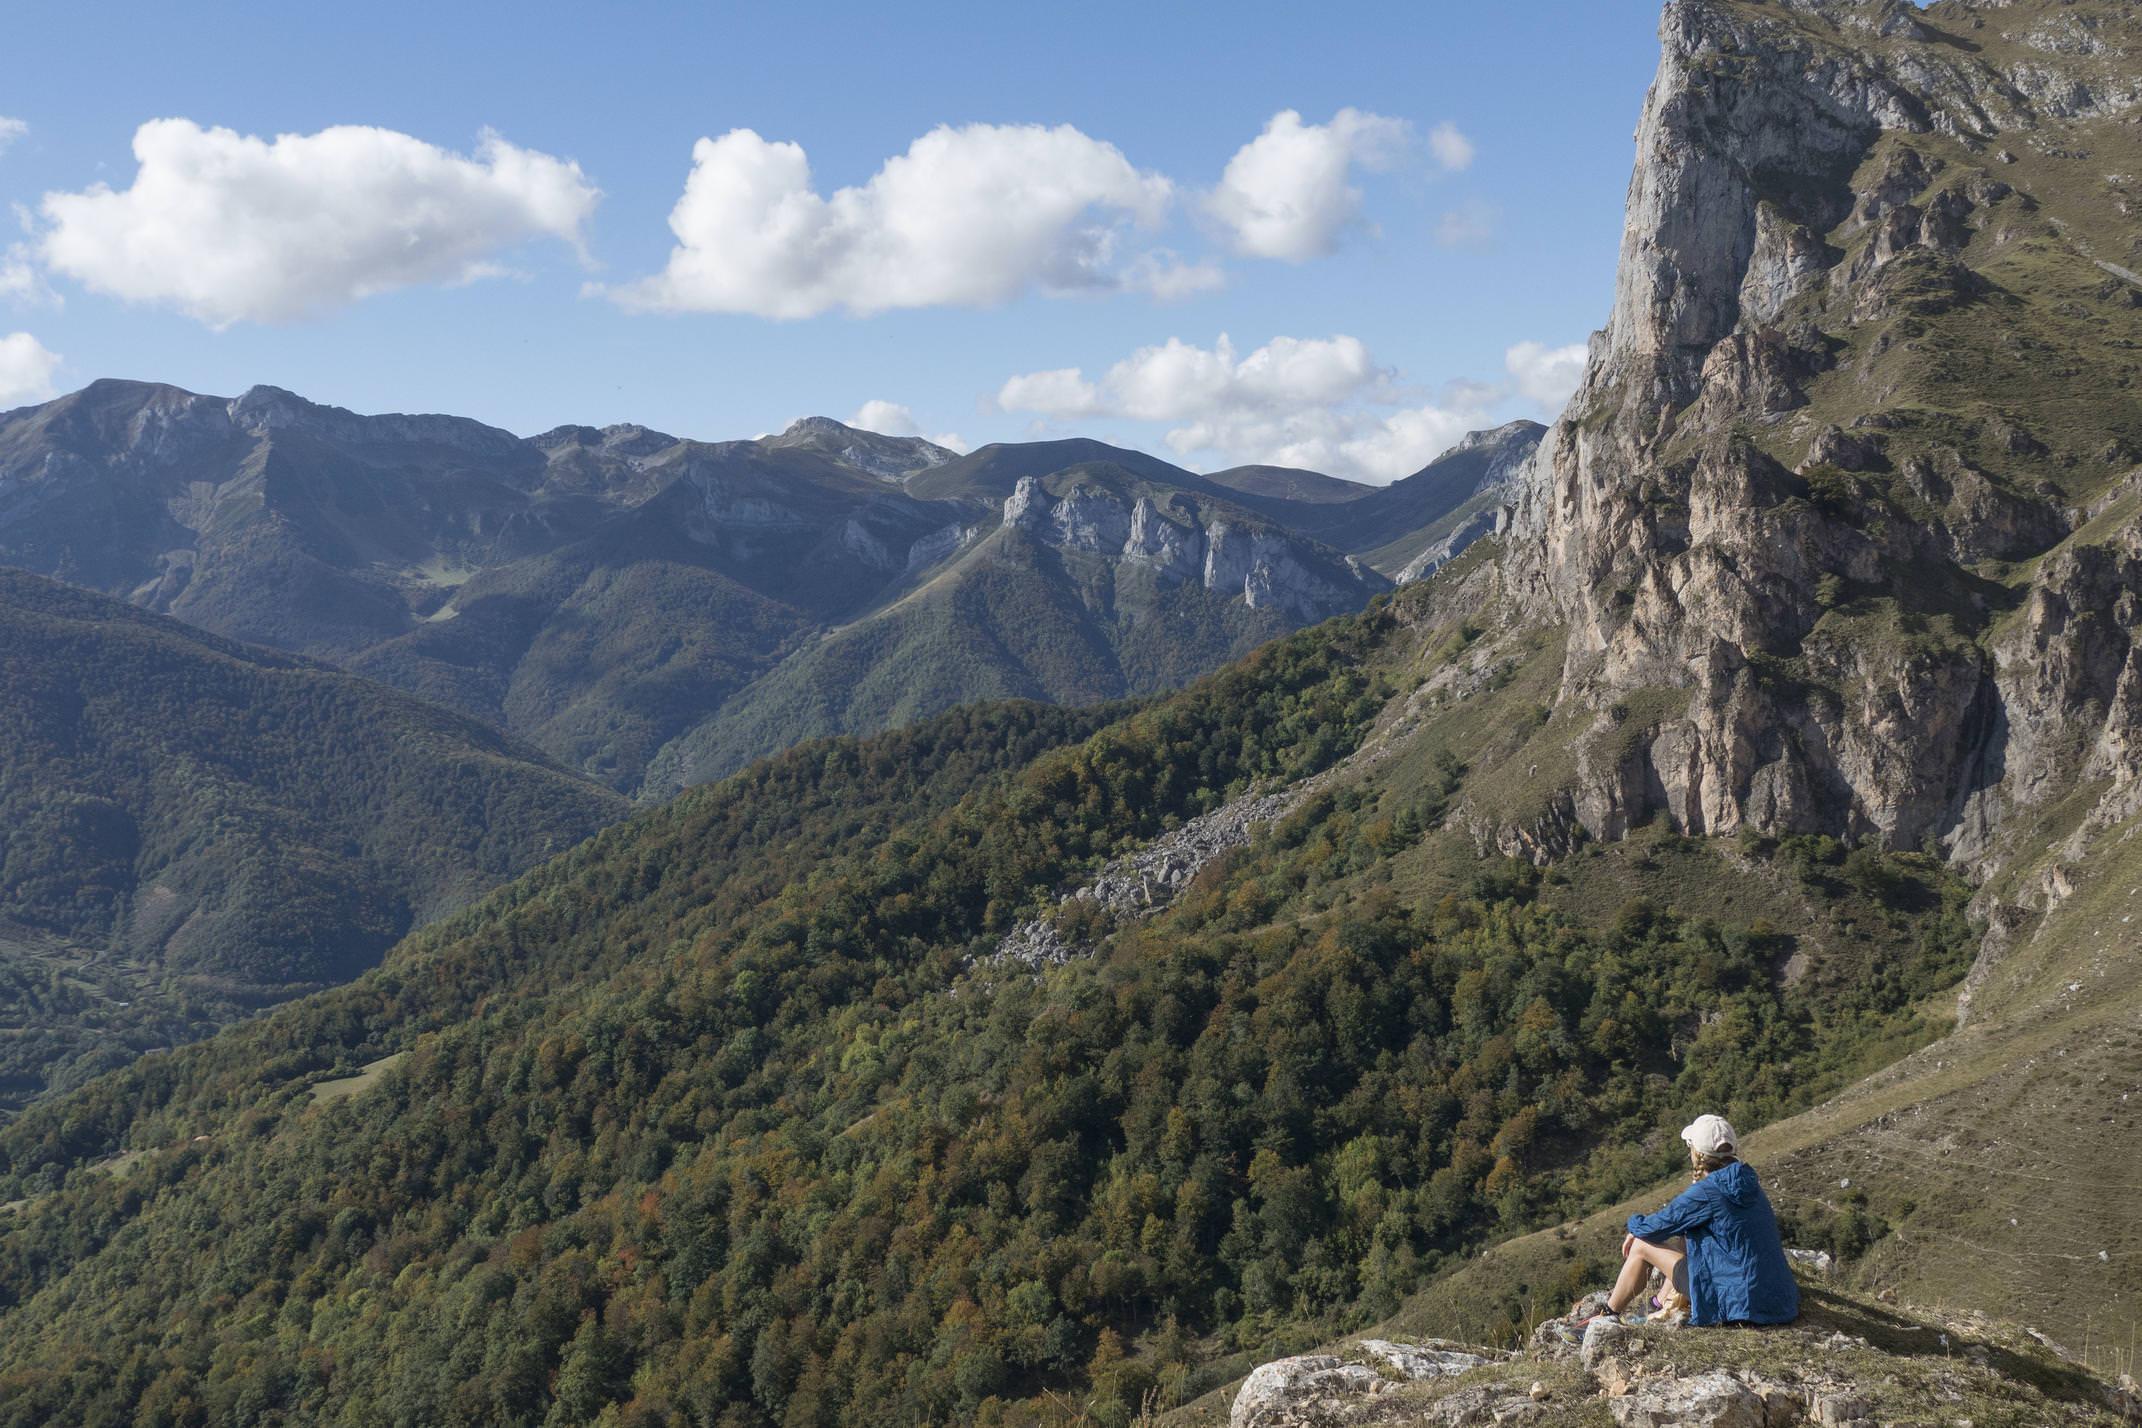 Spain cantabria picos de europa inn to inn day 3 top valdecoro horizon 2